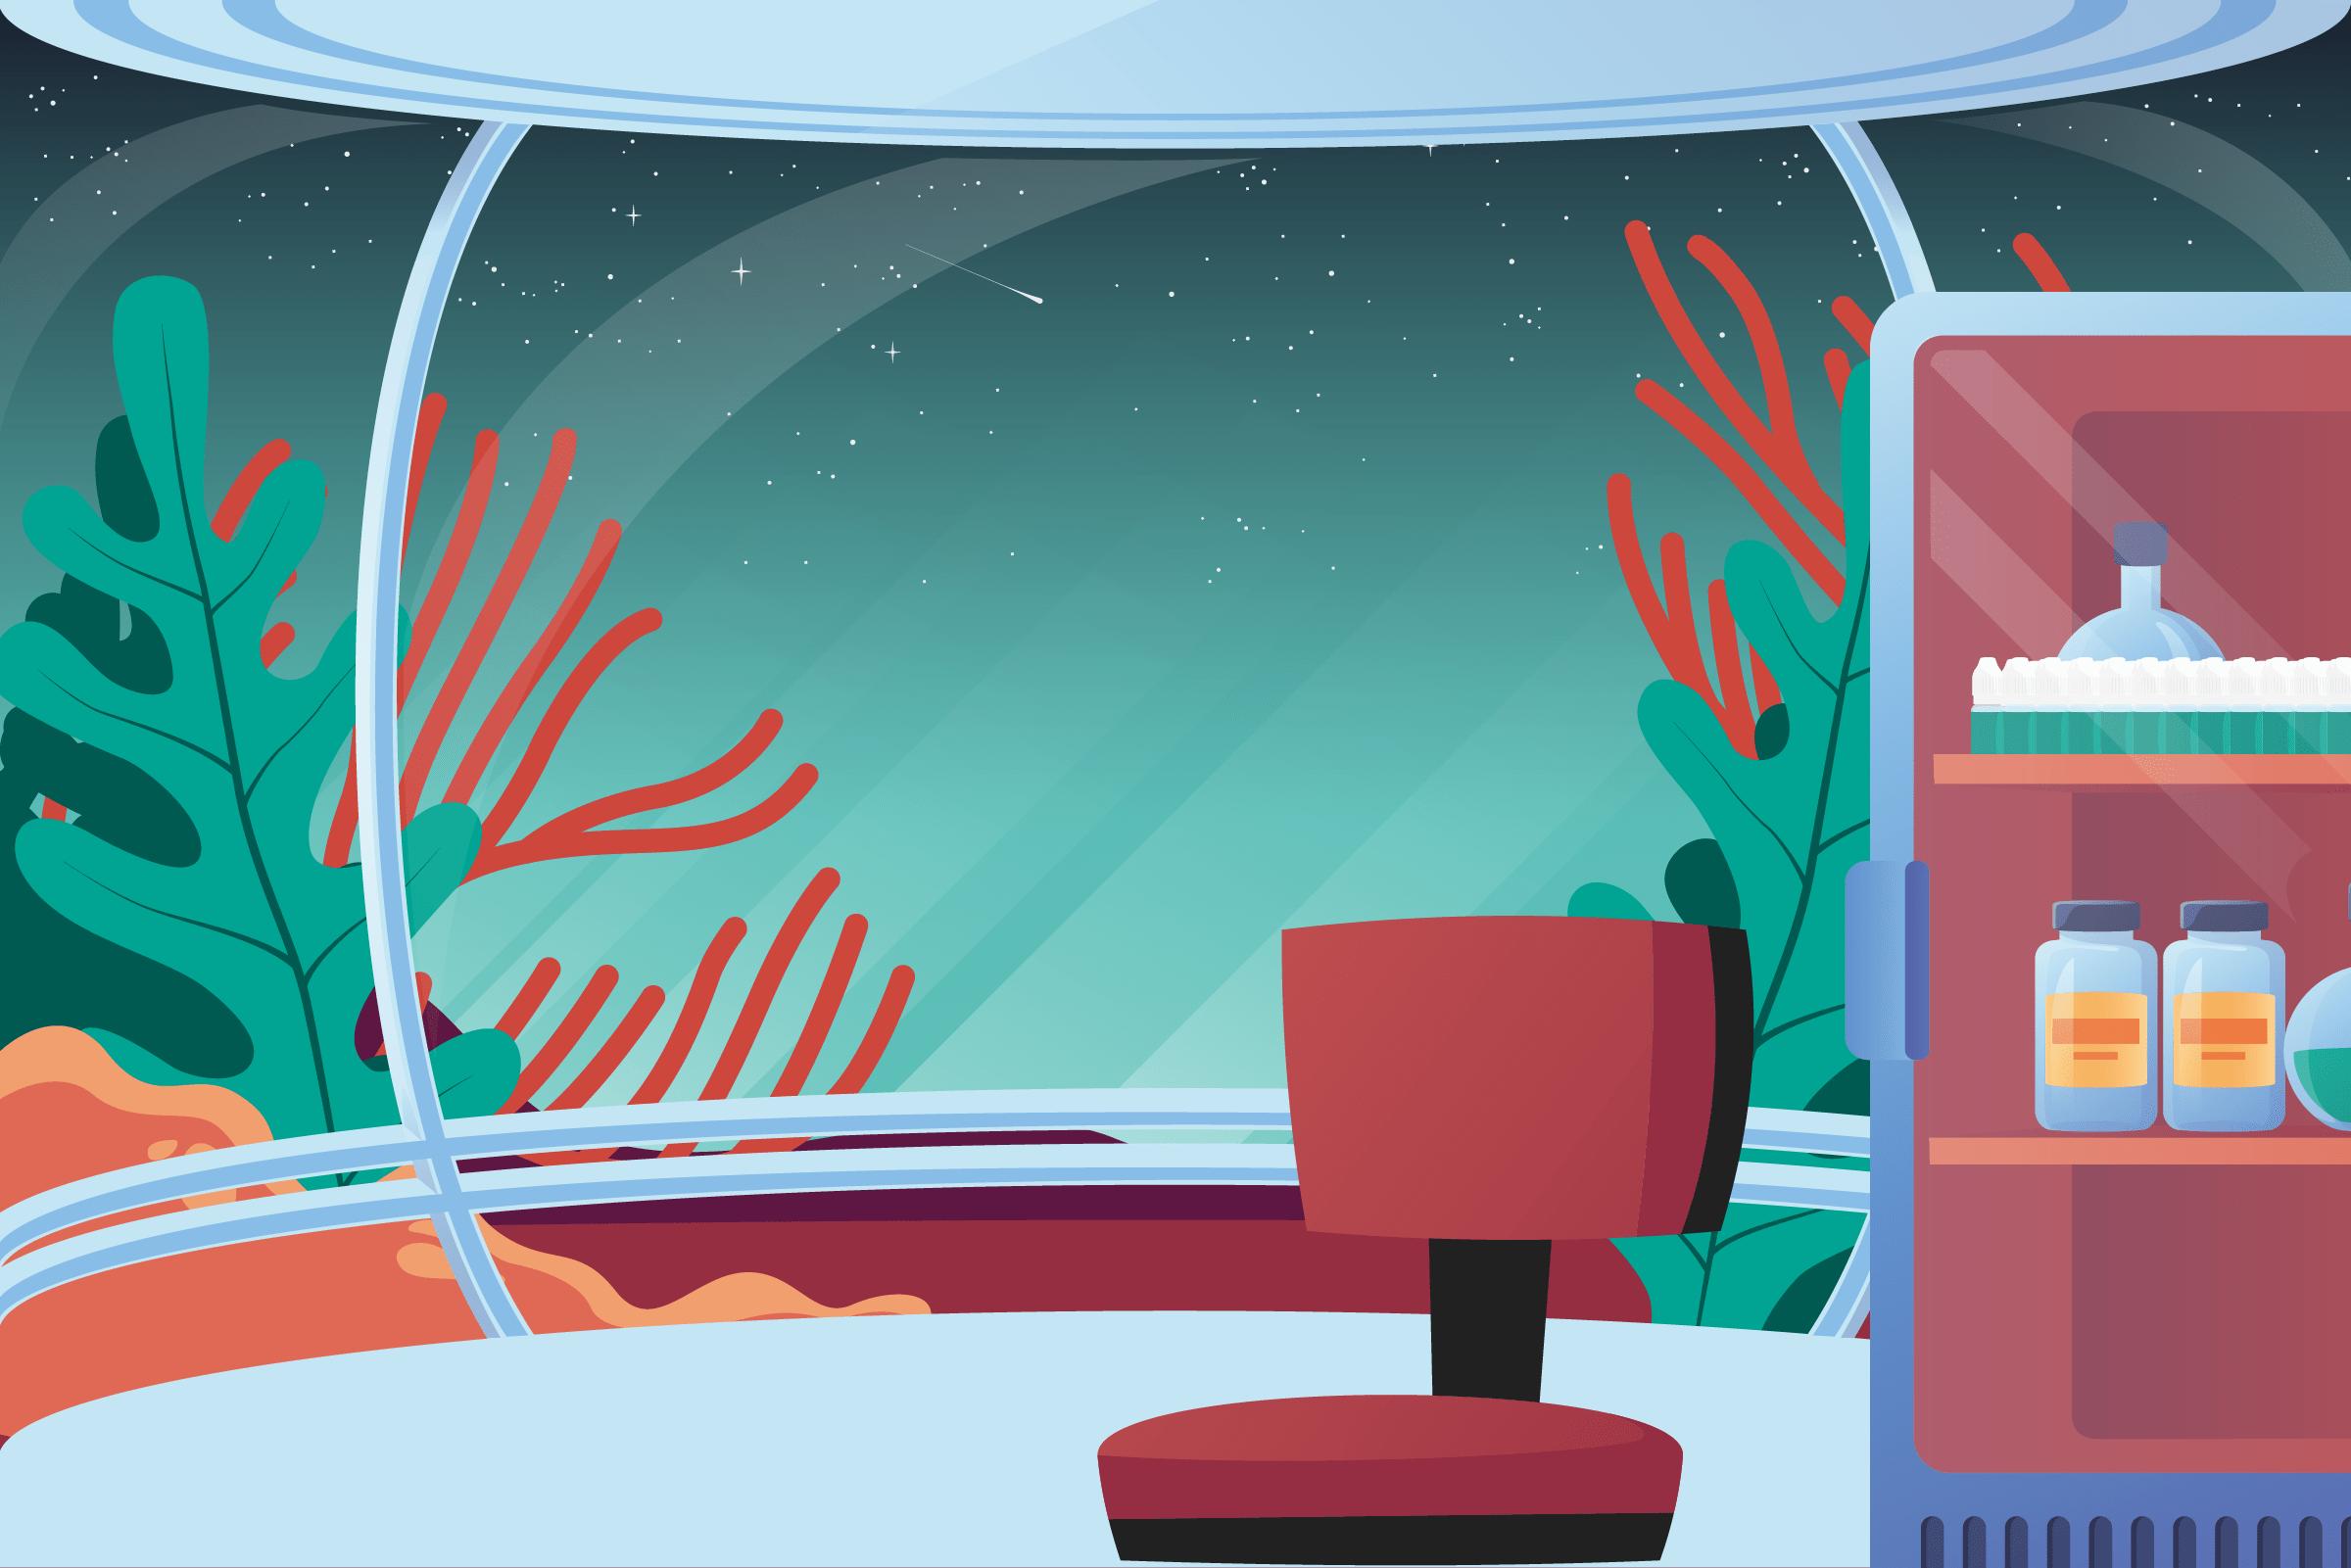 Animation mettant en scène un astronaute en train de réaliserson eliquide diy dans un laboratoire